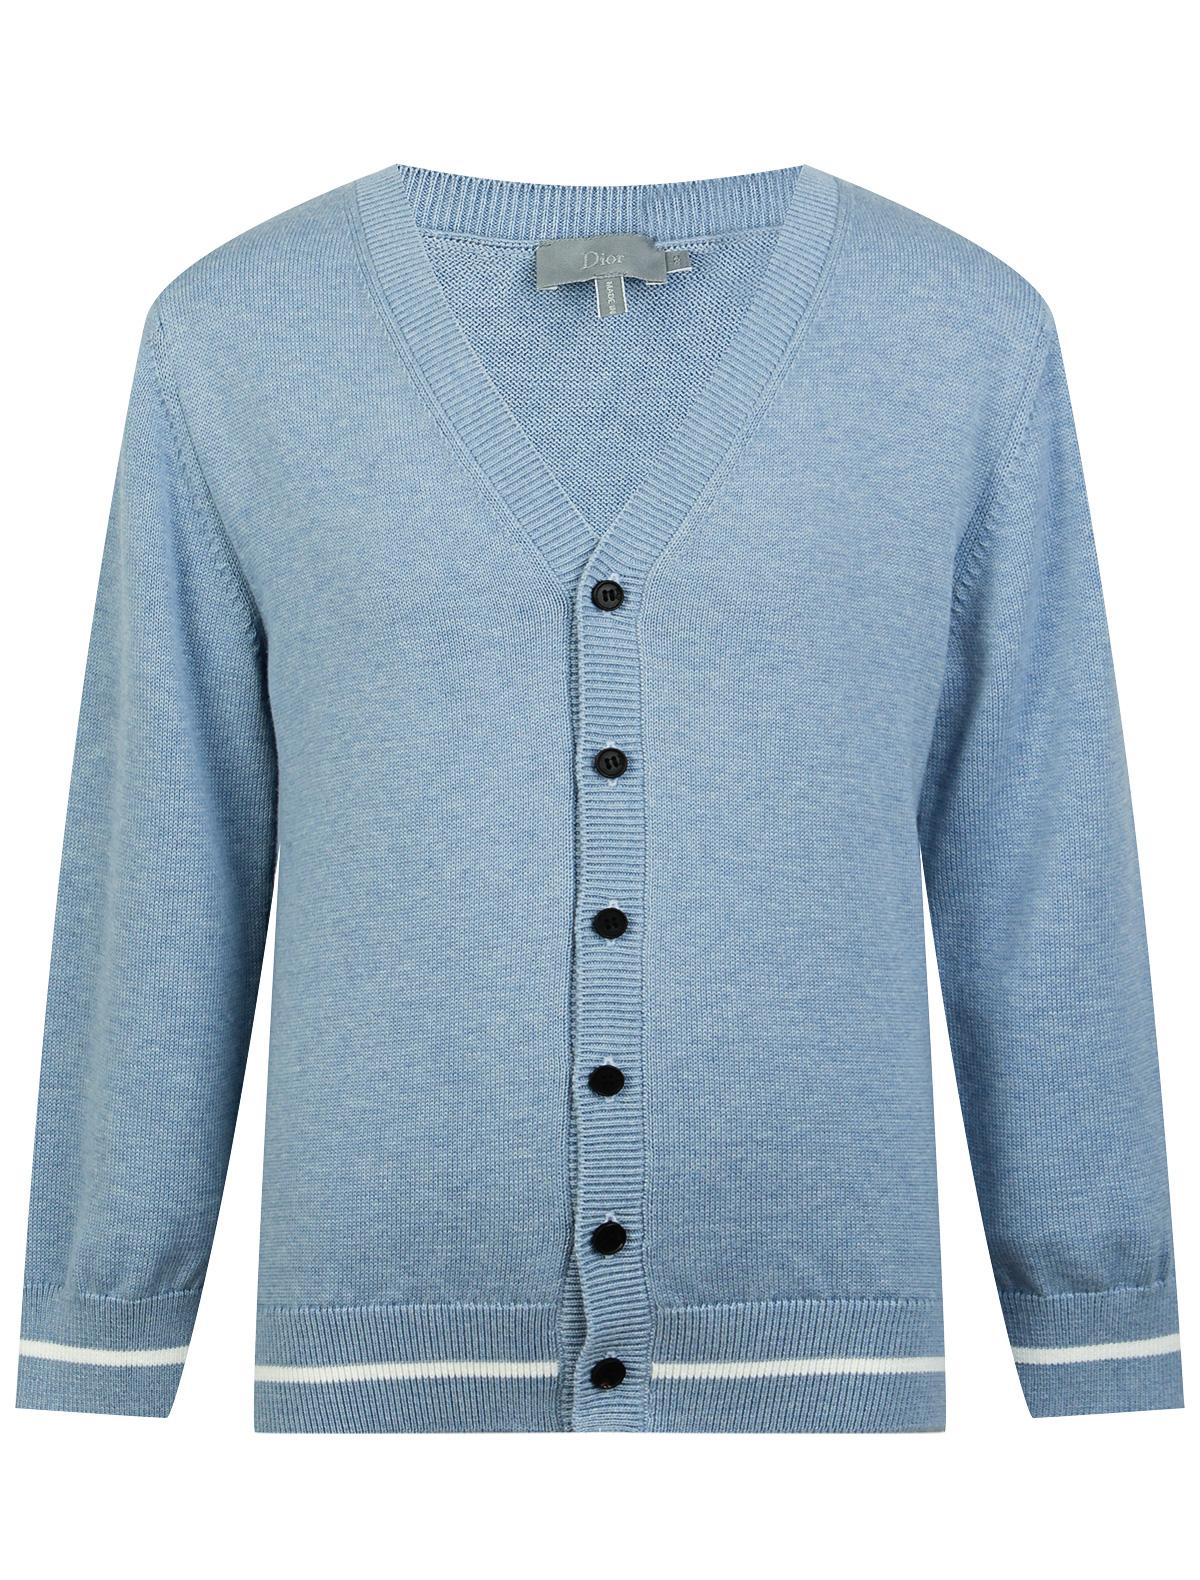 Купить 1955555, Кардиган Dior, голубой, Мужской, 1401519970638